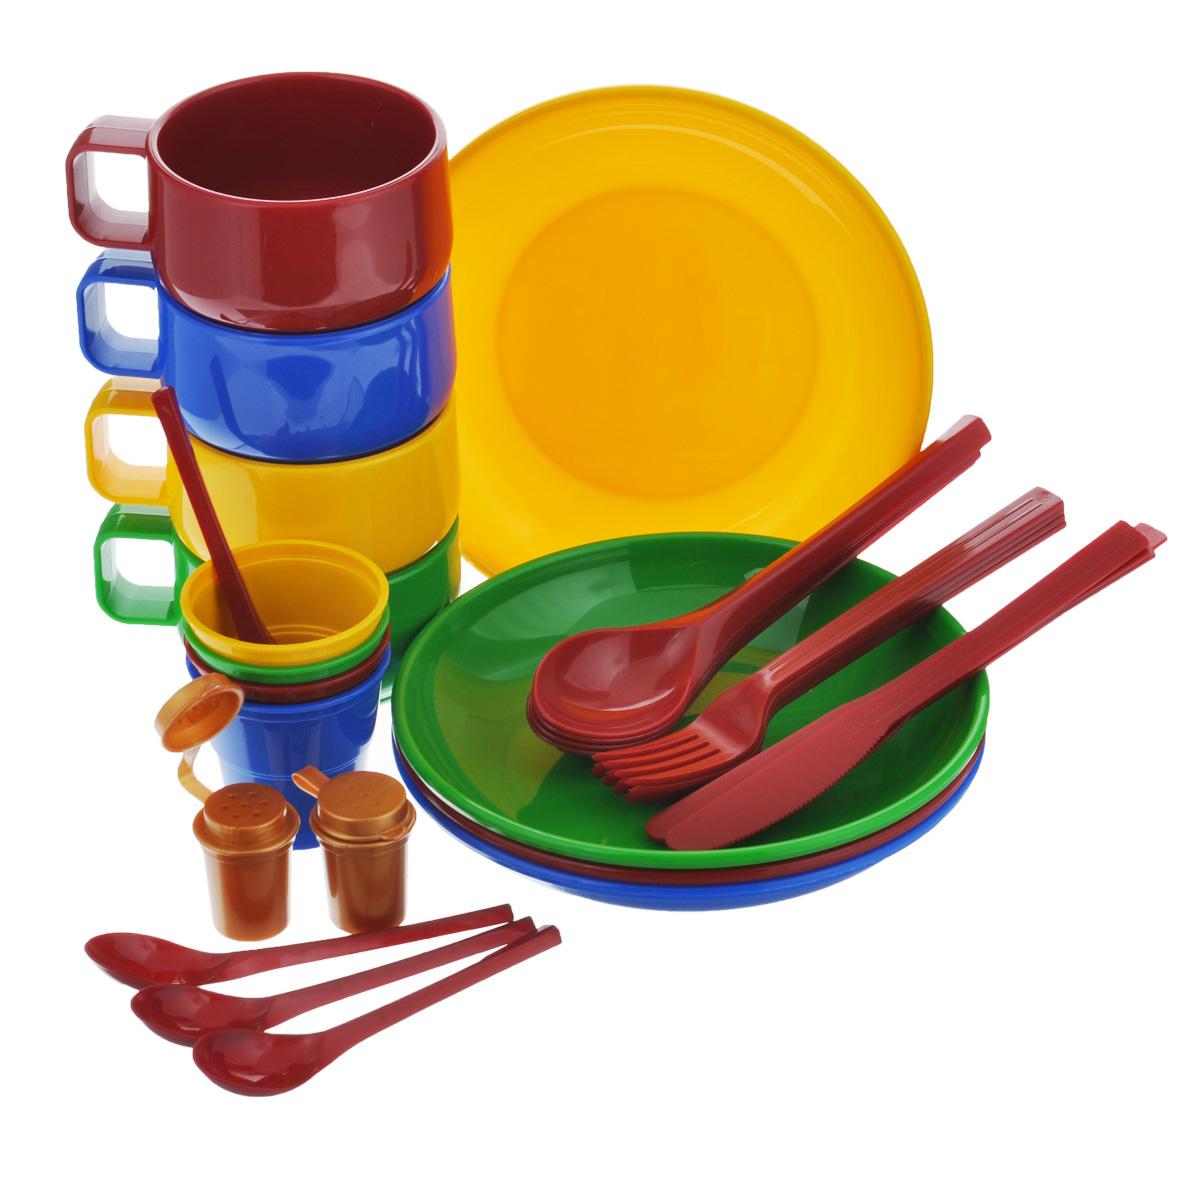 Набор посуды Solaris, на 4 персоныS1401Компактный минималистичный набор посуды Solaris на 4 персоны, в удобной виниловой сумке с ручкой и молнией.Свойства посуды:Посуда из ударопрочного пищевого полипропилена предназначена для многократного использования. Легкая, прочная и износостойкая, экологически чистая, эта посуда работает в диапазоне температур от -25°С до +110°С. Можно мыть в посудомоечной машине. Эта посуда также обеспечивает:Хранение горячих и холодных пищевых продуктов;Разогрев продуктов в микроволновой печи;Приготовление пищи в микроволновой печи на пару (пароварка);Хранение продуктов в холодильной и морозильной камере;Кипячение воды с помощью электрокипятильника.Комплектация набора на 4 персоны:4 тарелки;4 чашки объемом 0,28 л;4 стакана с мерными делениями объемом 0,1 л;4 вилки;4 столовых ложки;4 ножа;4 чайные ложки;2 солонки.Диаметр тарелок: 19 см.Высота тарелок: 3 см.Высота стаканов: 6,3 см.Диаметр стаканов: 6,5 см.Высота чашек: 6,5 см.Диаметр чашек: 9,5 см.Длина вилок: 19 см.Длина ложек: 19 см.Длина ножей: 19 см.Длина чайных ложек: 13,5 см.